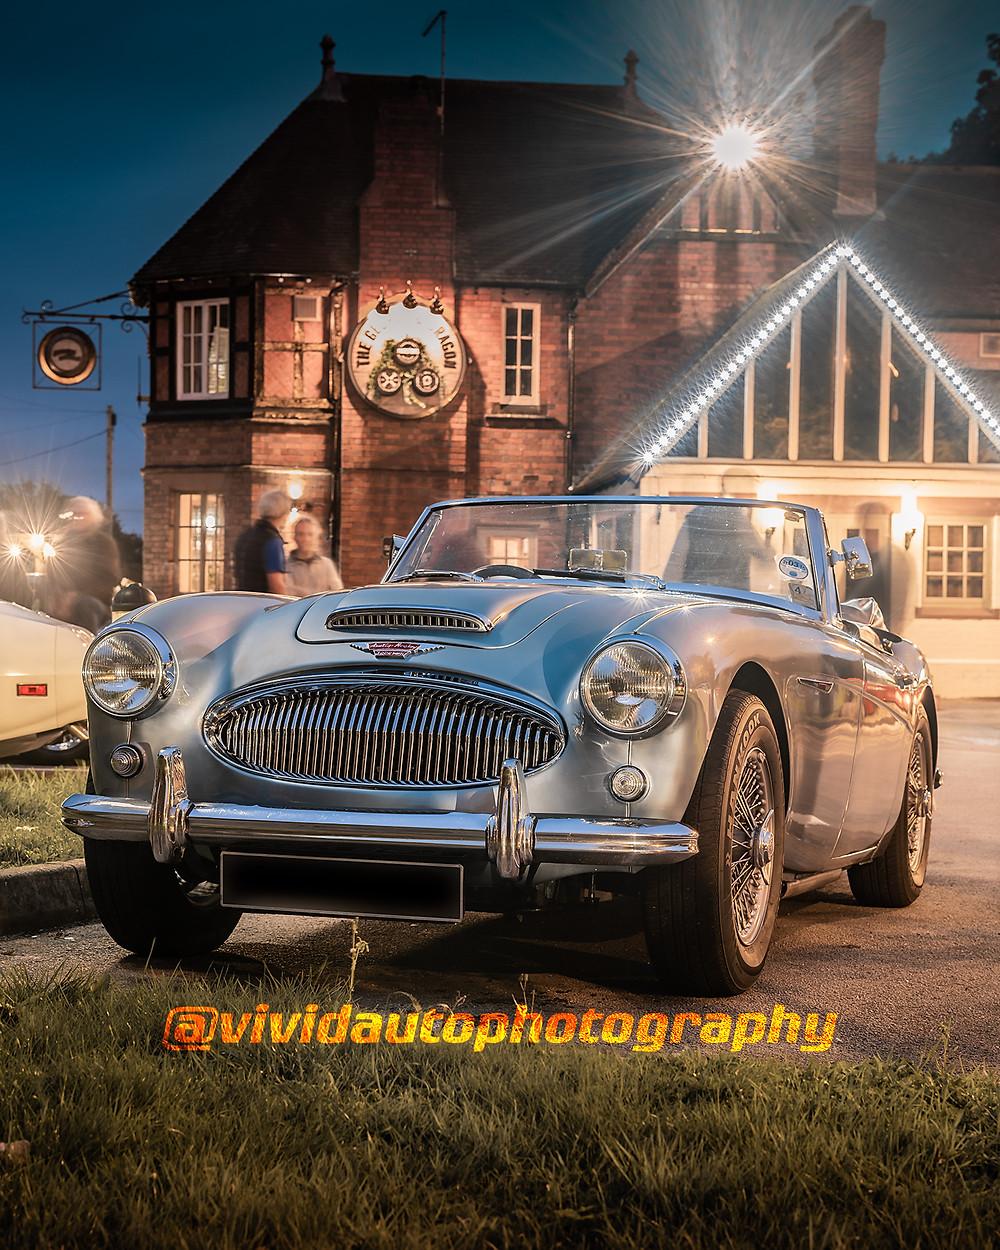 Austin Healey 300 | Car meet